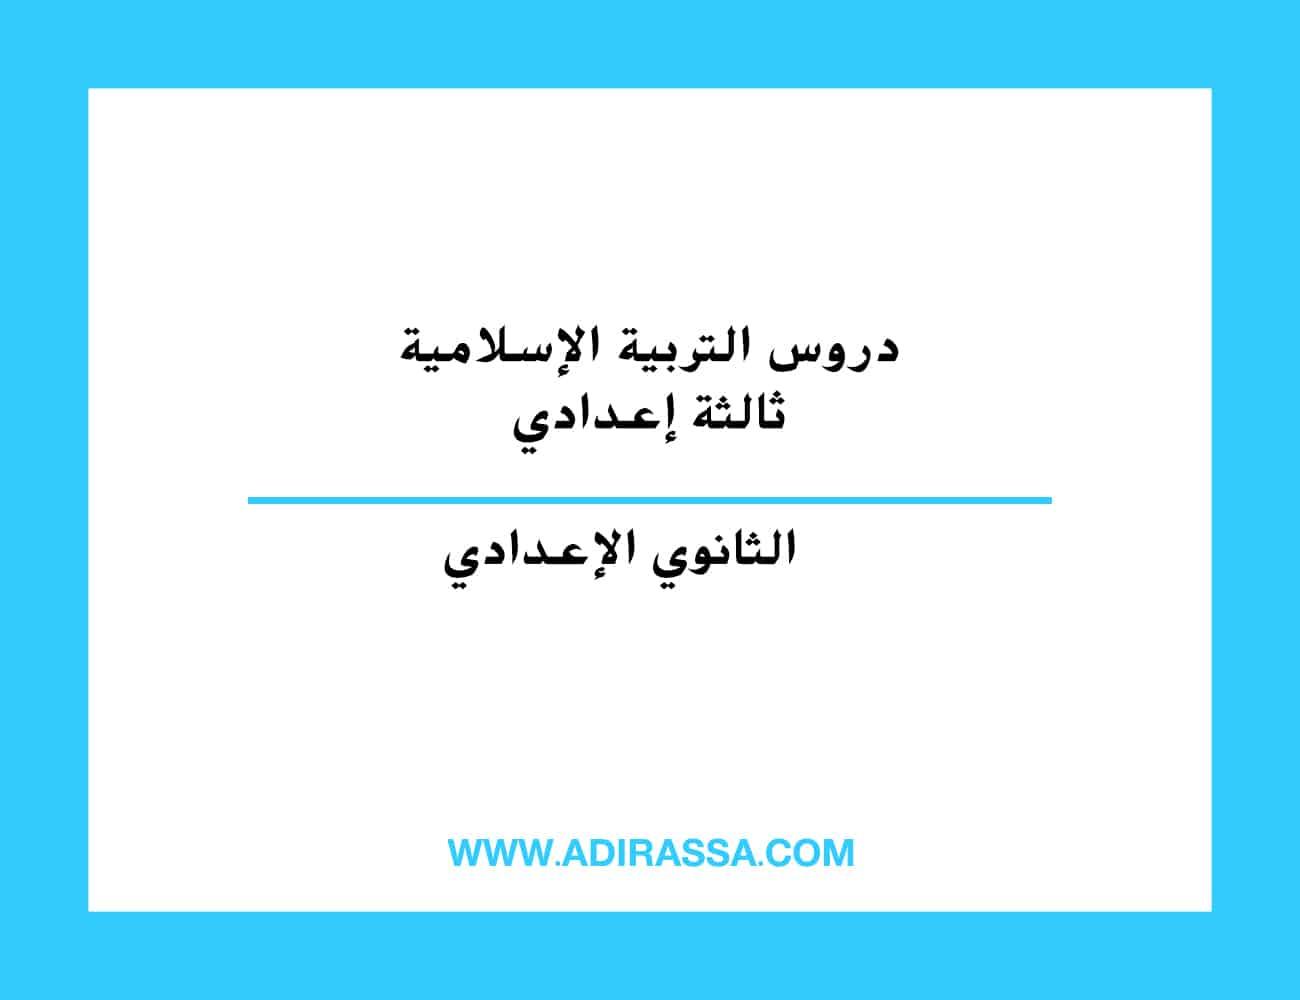 دروس التربية الإسلامية الثالثة إعدادي المقررة بالمدرسة المغربية